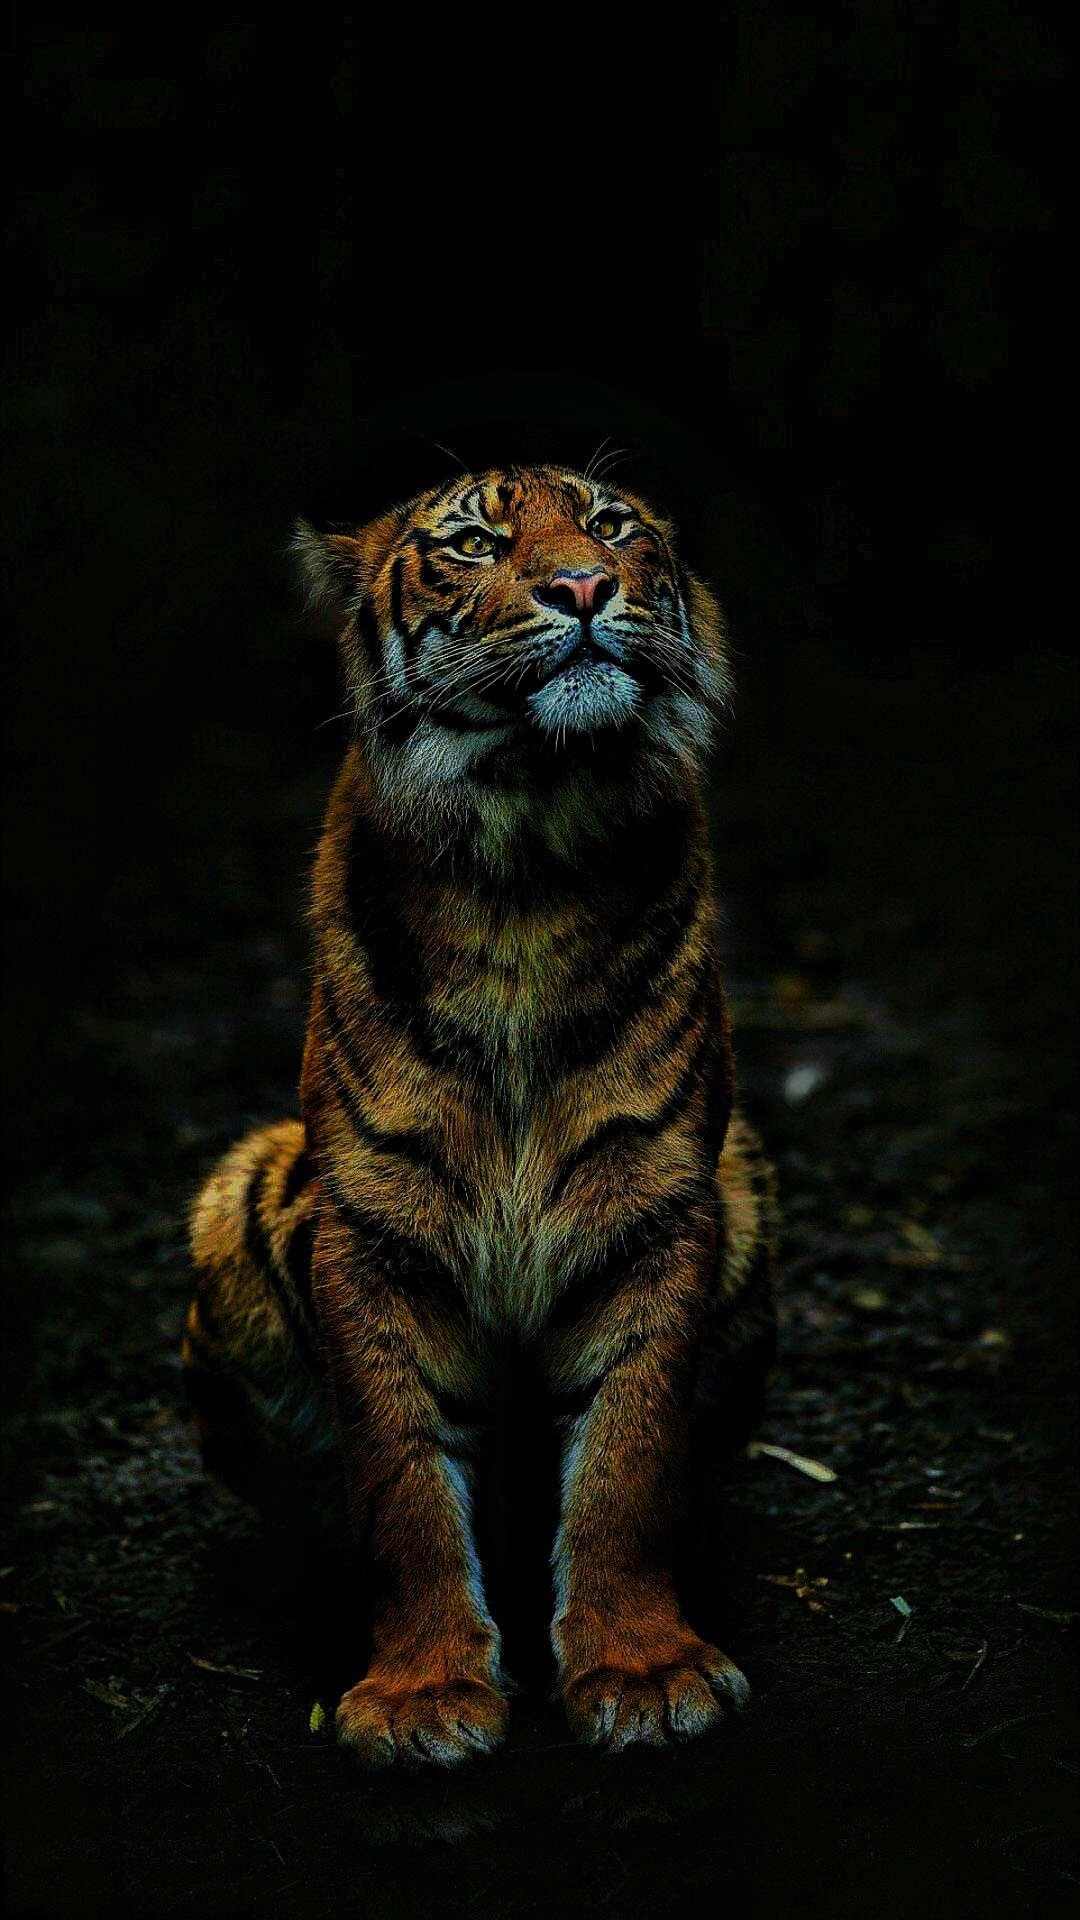 Cute Cat Wallpaper Download Tiger In Dark Iphone Wallpaper Iphone Wallpapers